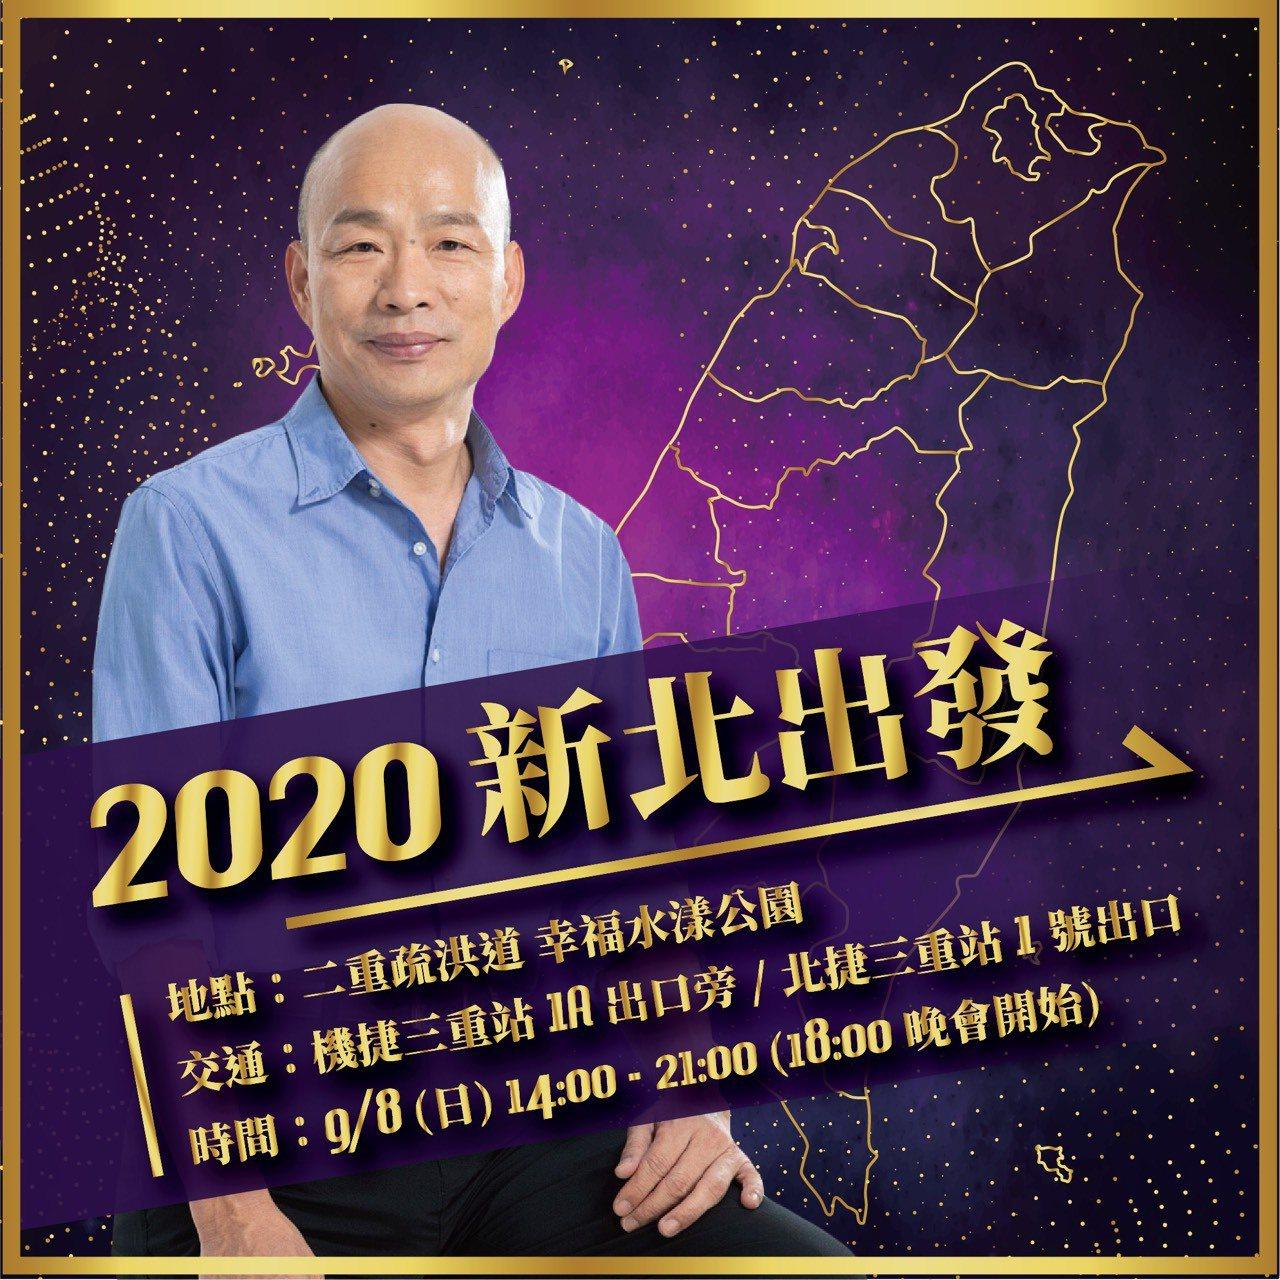 本月8日國民黨總統提名人韓國瑜團隊在新北市舉辦「2020新北出發」 晚會,韓國瑜...